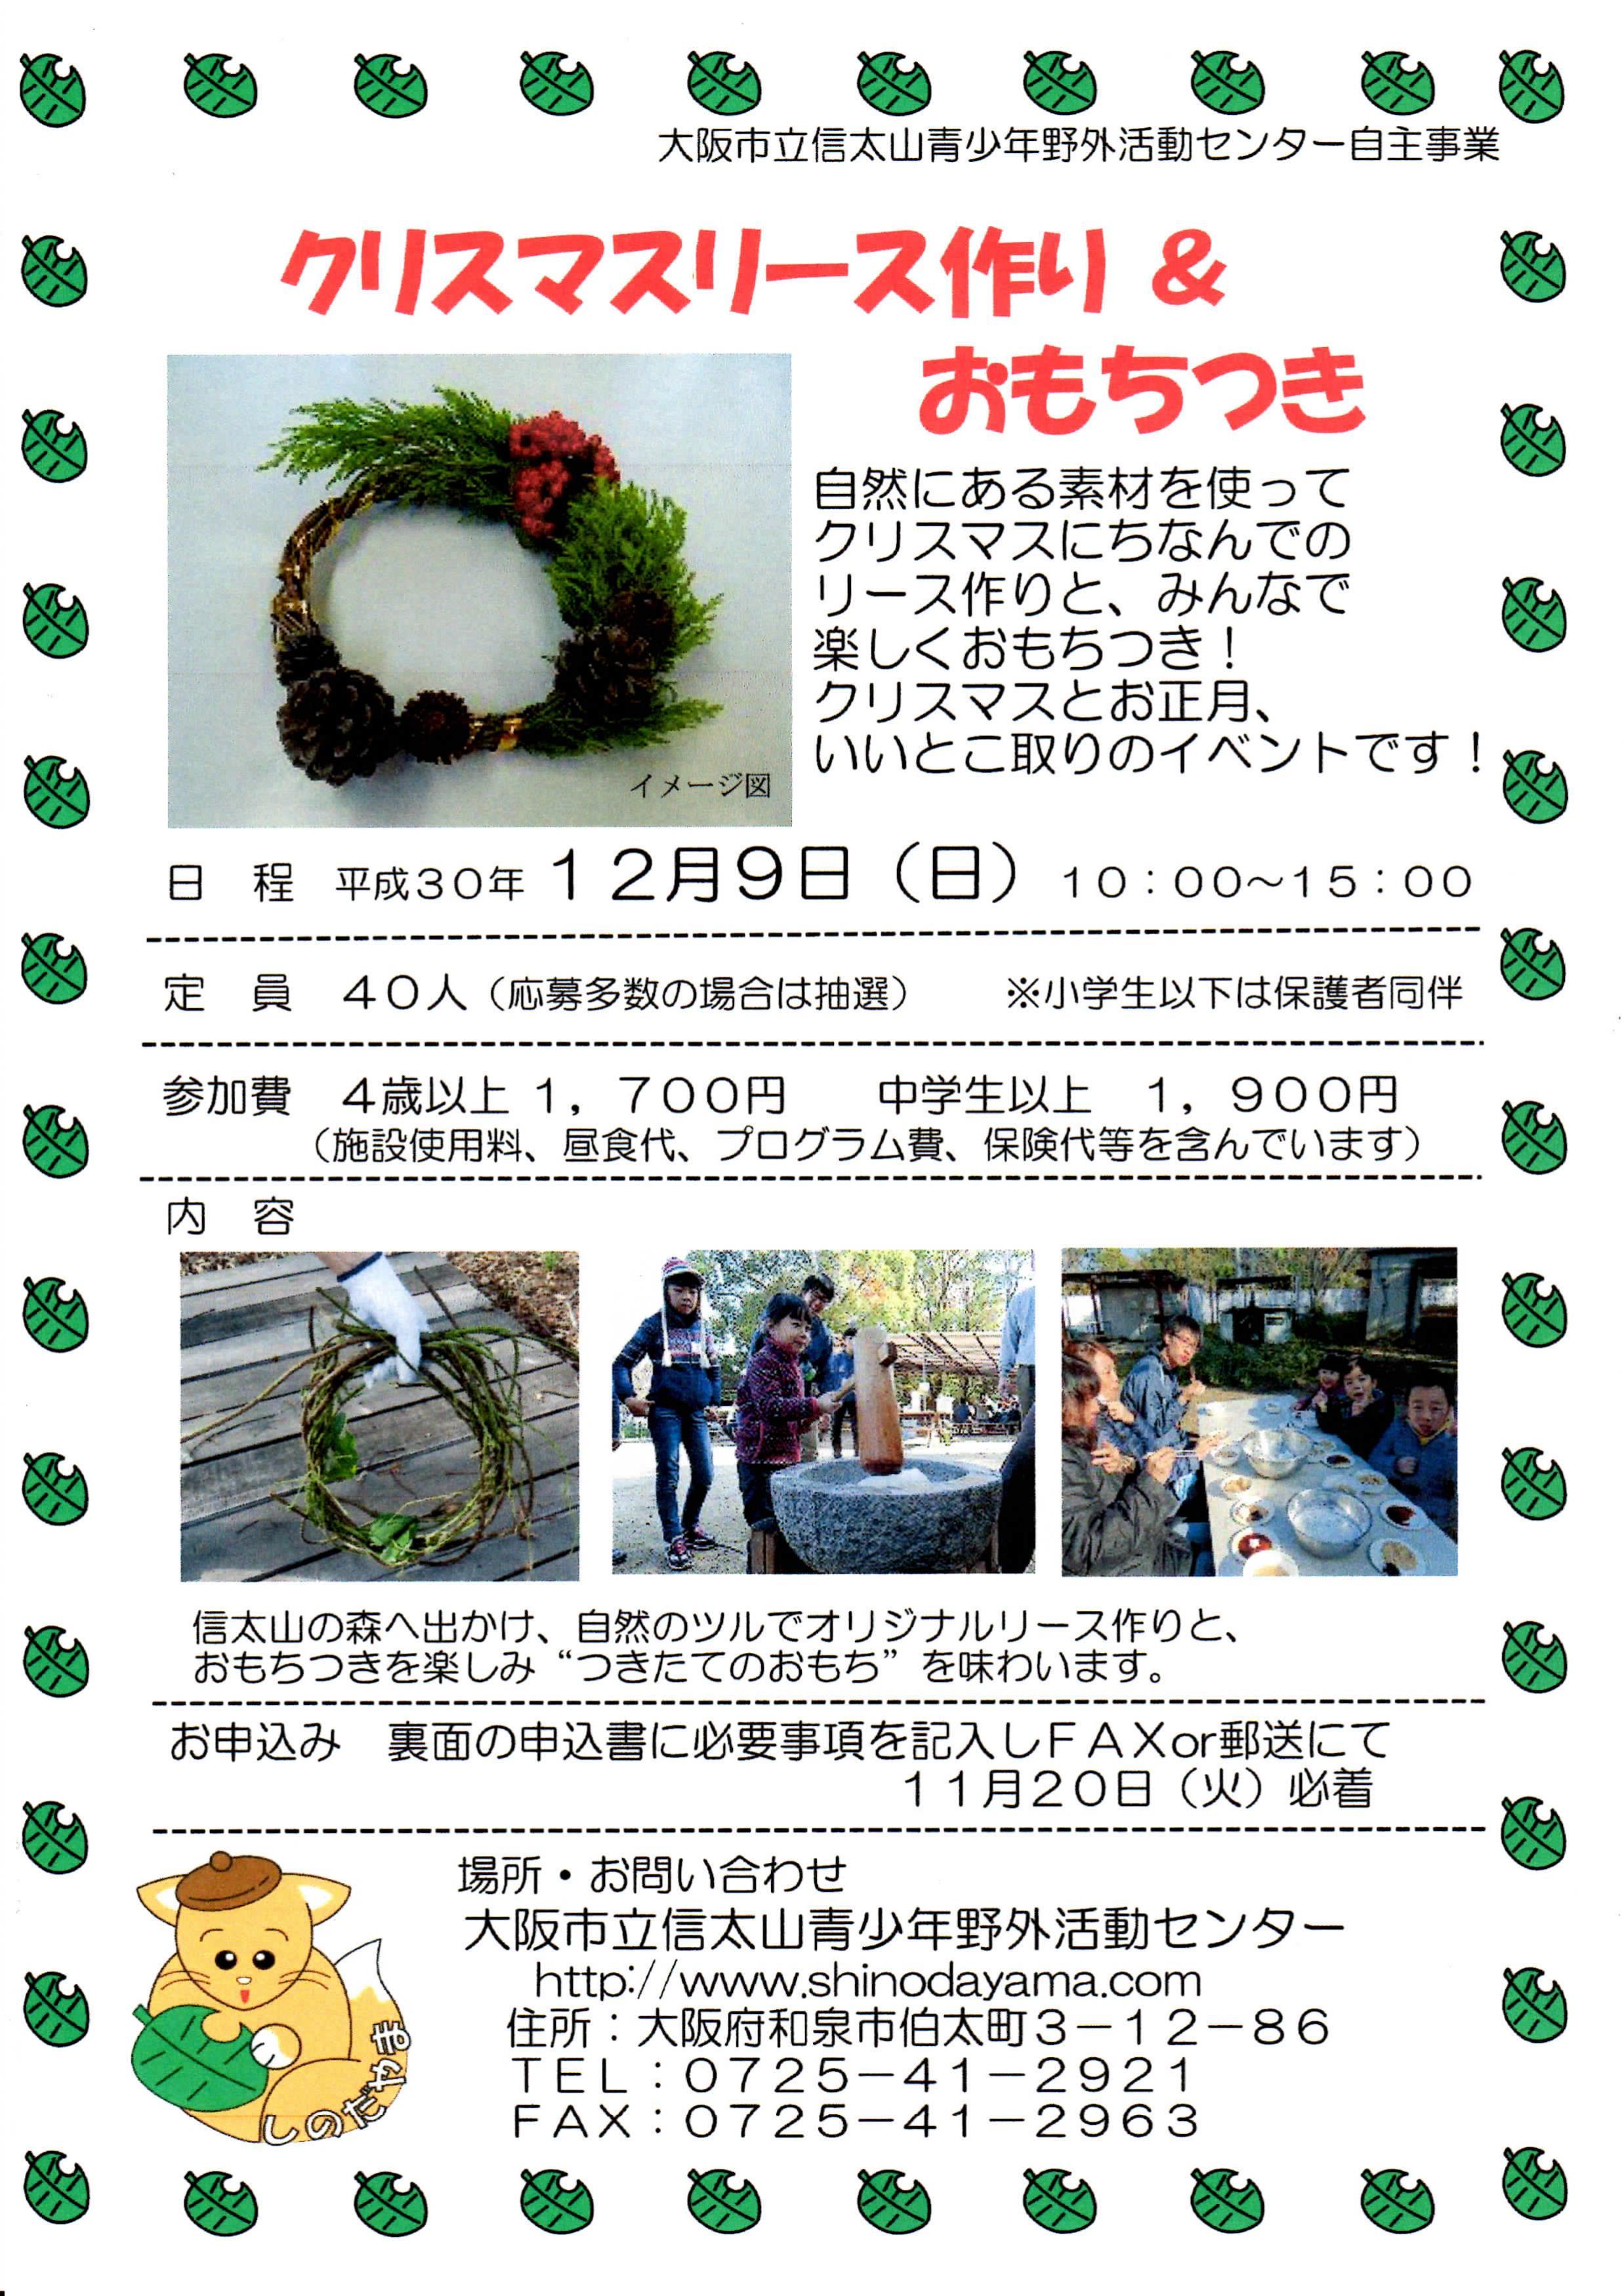 クリスマスリース作り&おもちつきー大阪市立信太山青少年野外活動センター